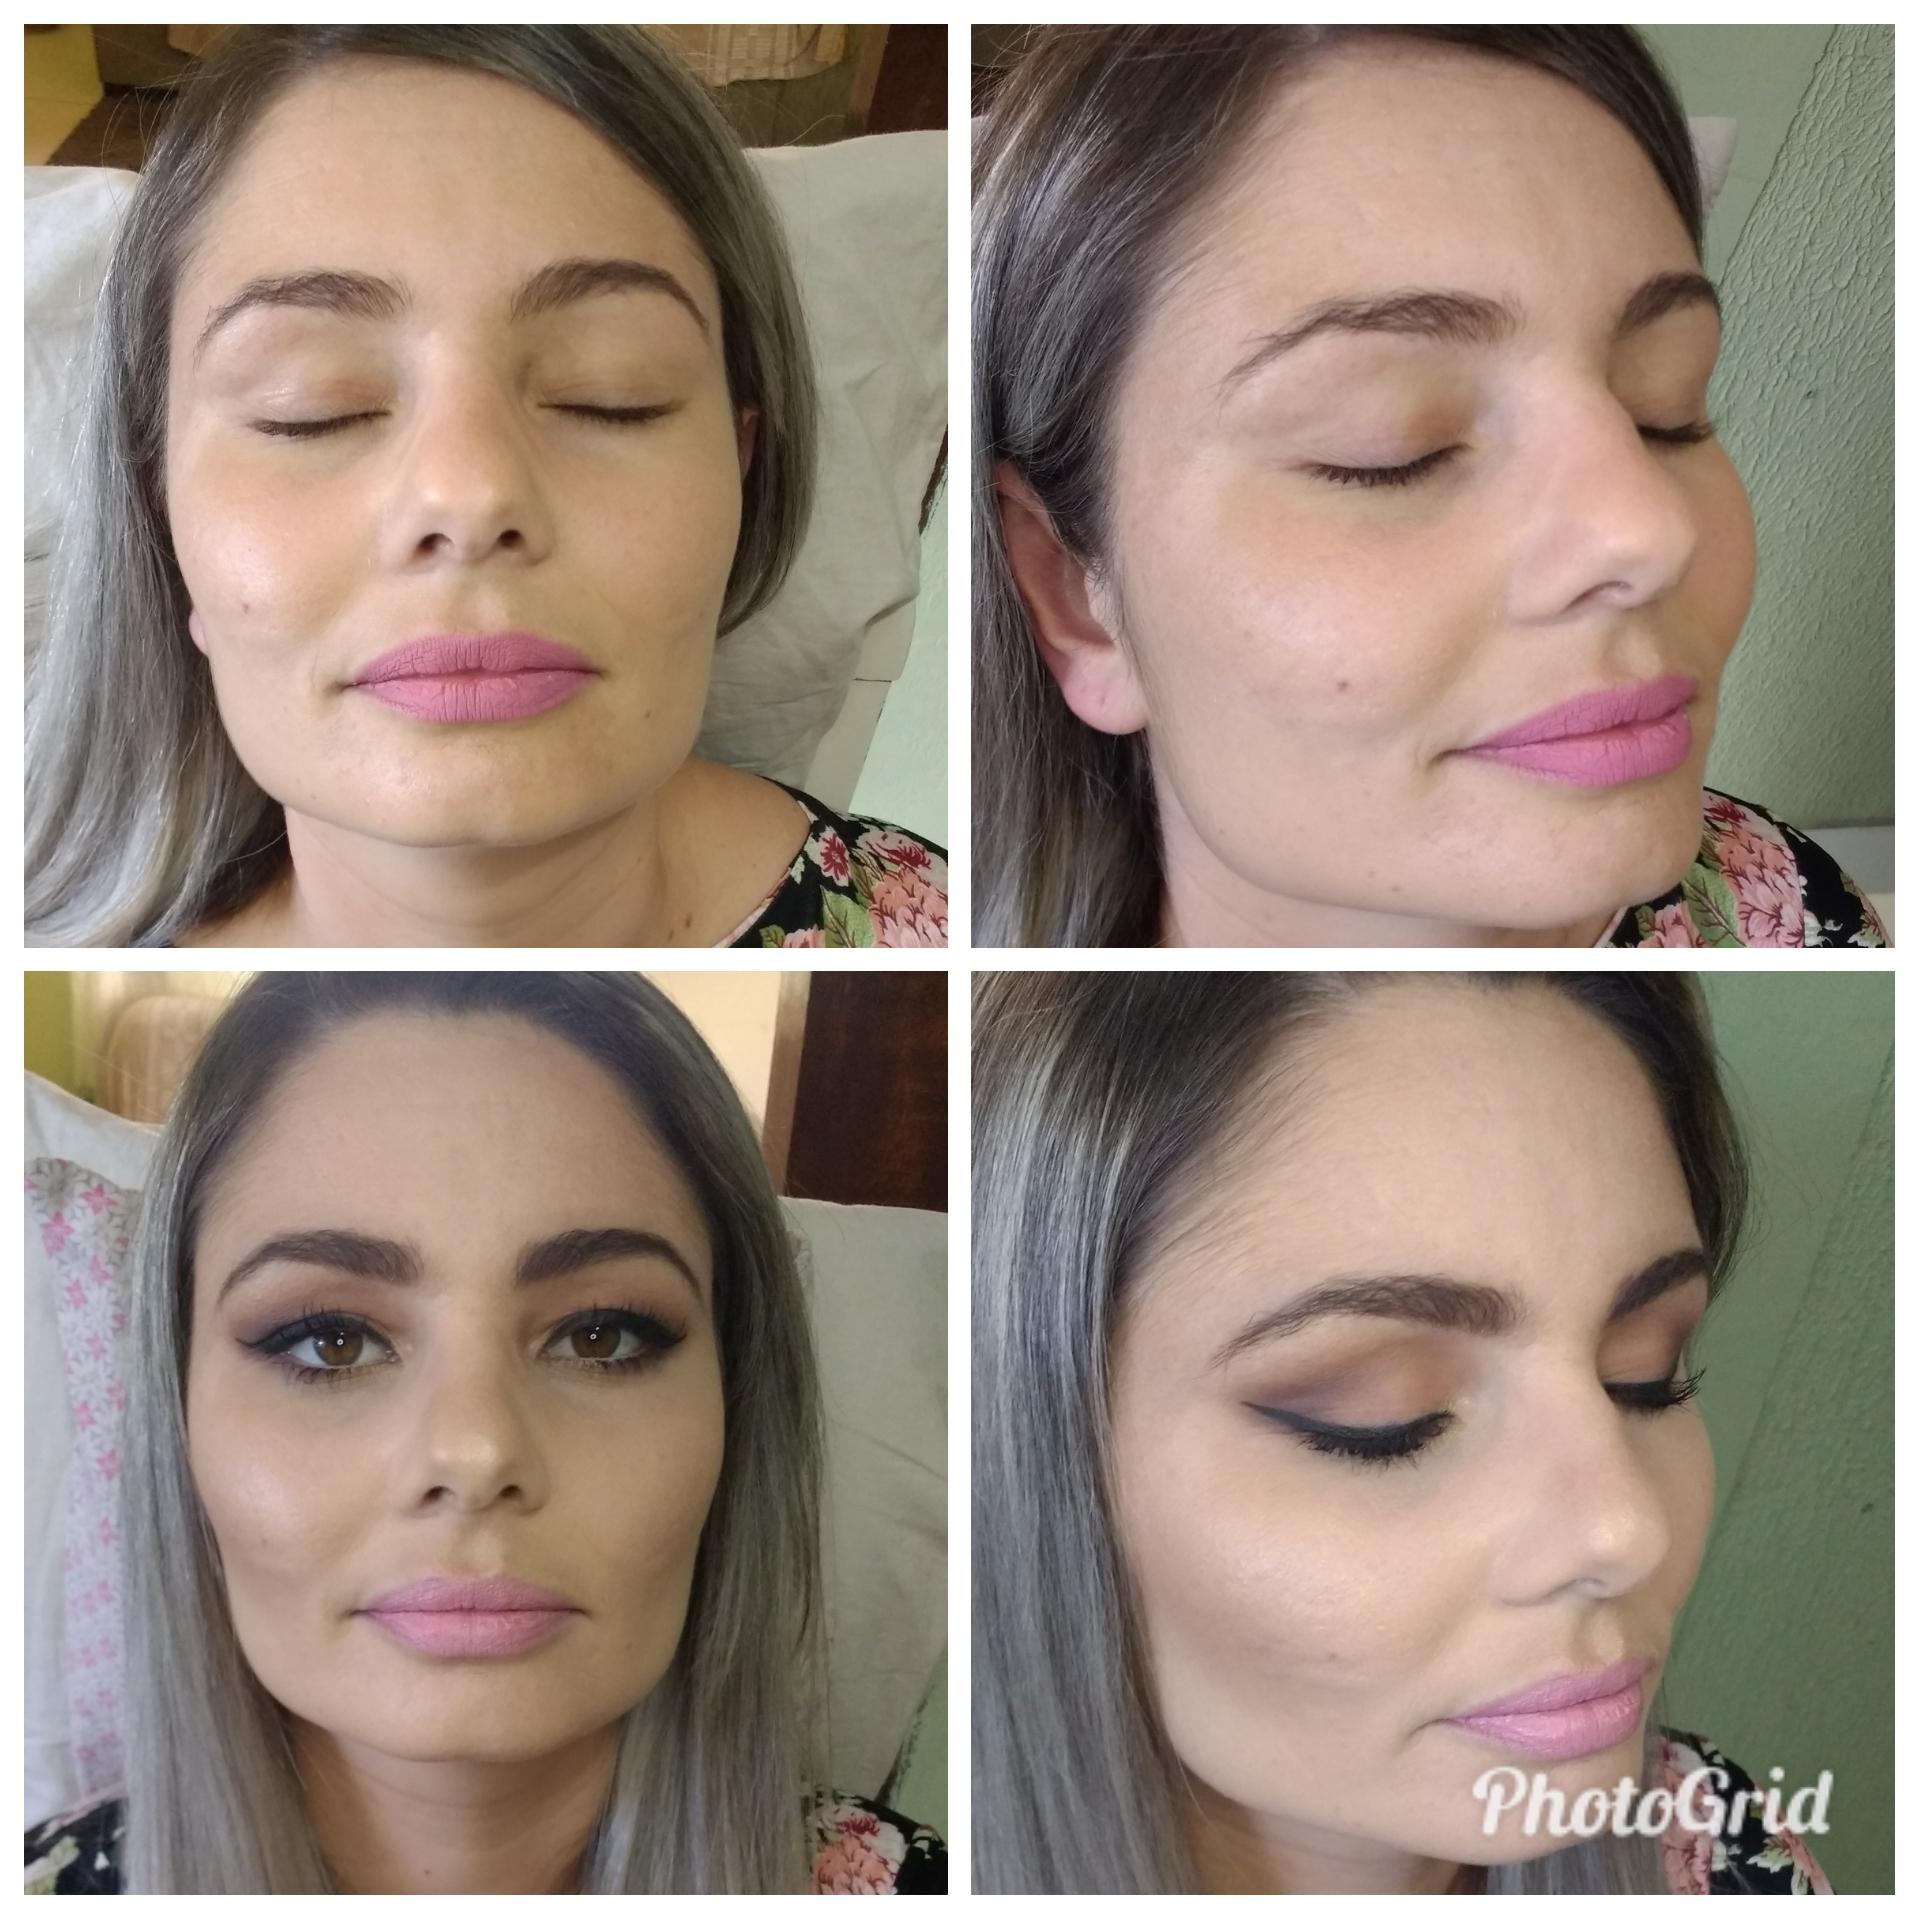 Make romântica maquiagem maquiador(a) vendedor(a)